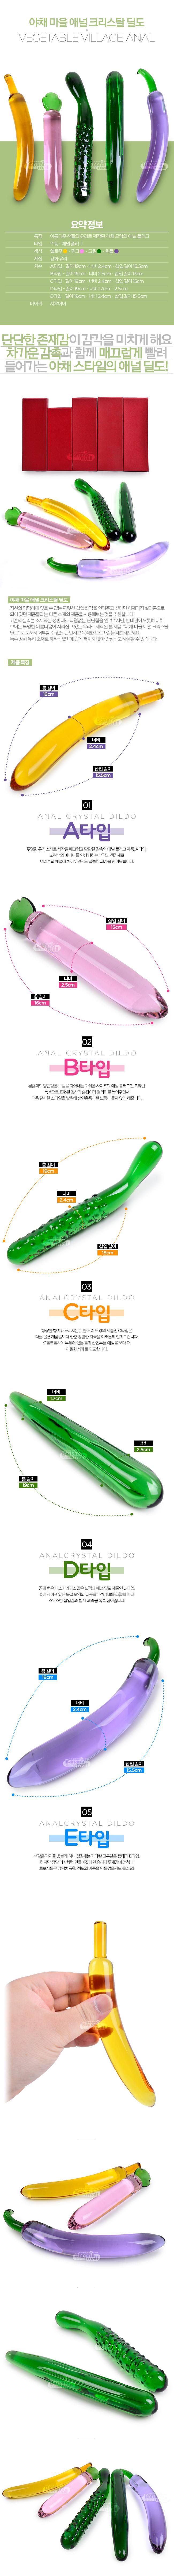 [고급 크리스탈] 야채 마을 애널 크리스탈 딜도(Vegetable Village Anal Crystal Dildo)